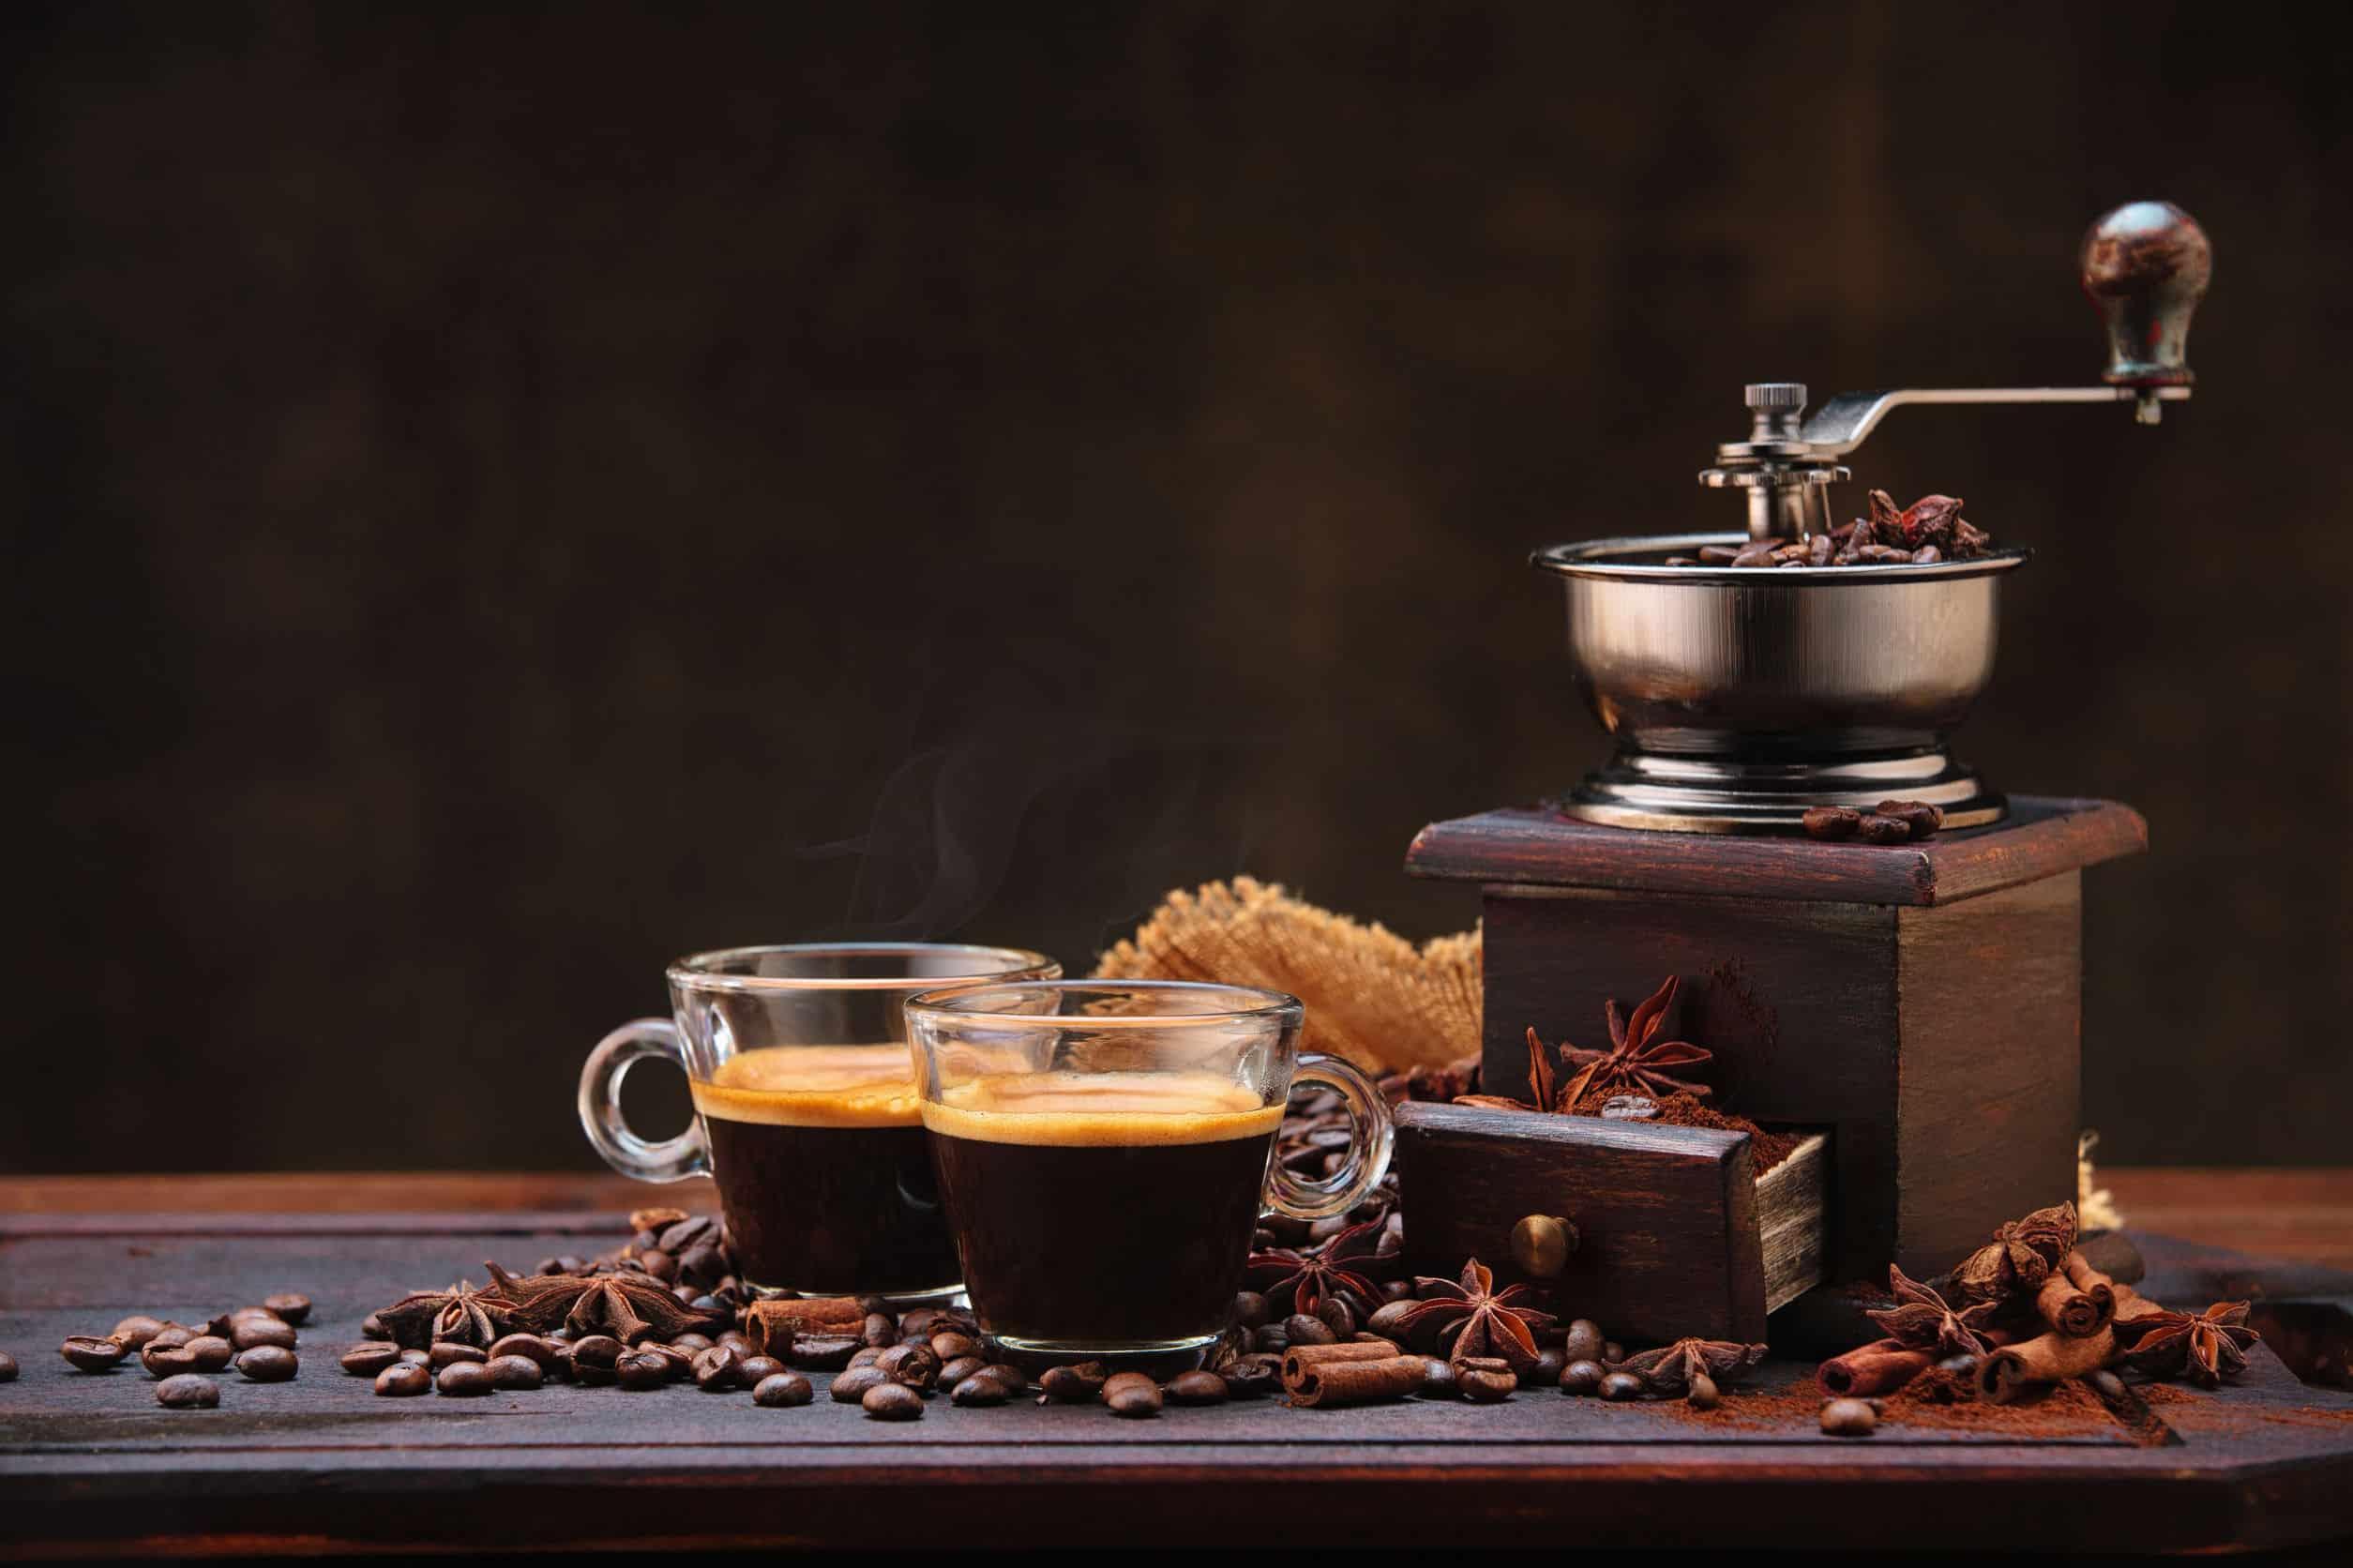 Kaffeemaschine mit Mahlwerk: Test & Empfehlungen (04/20)